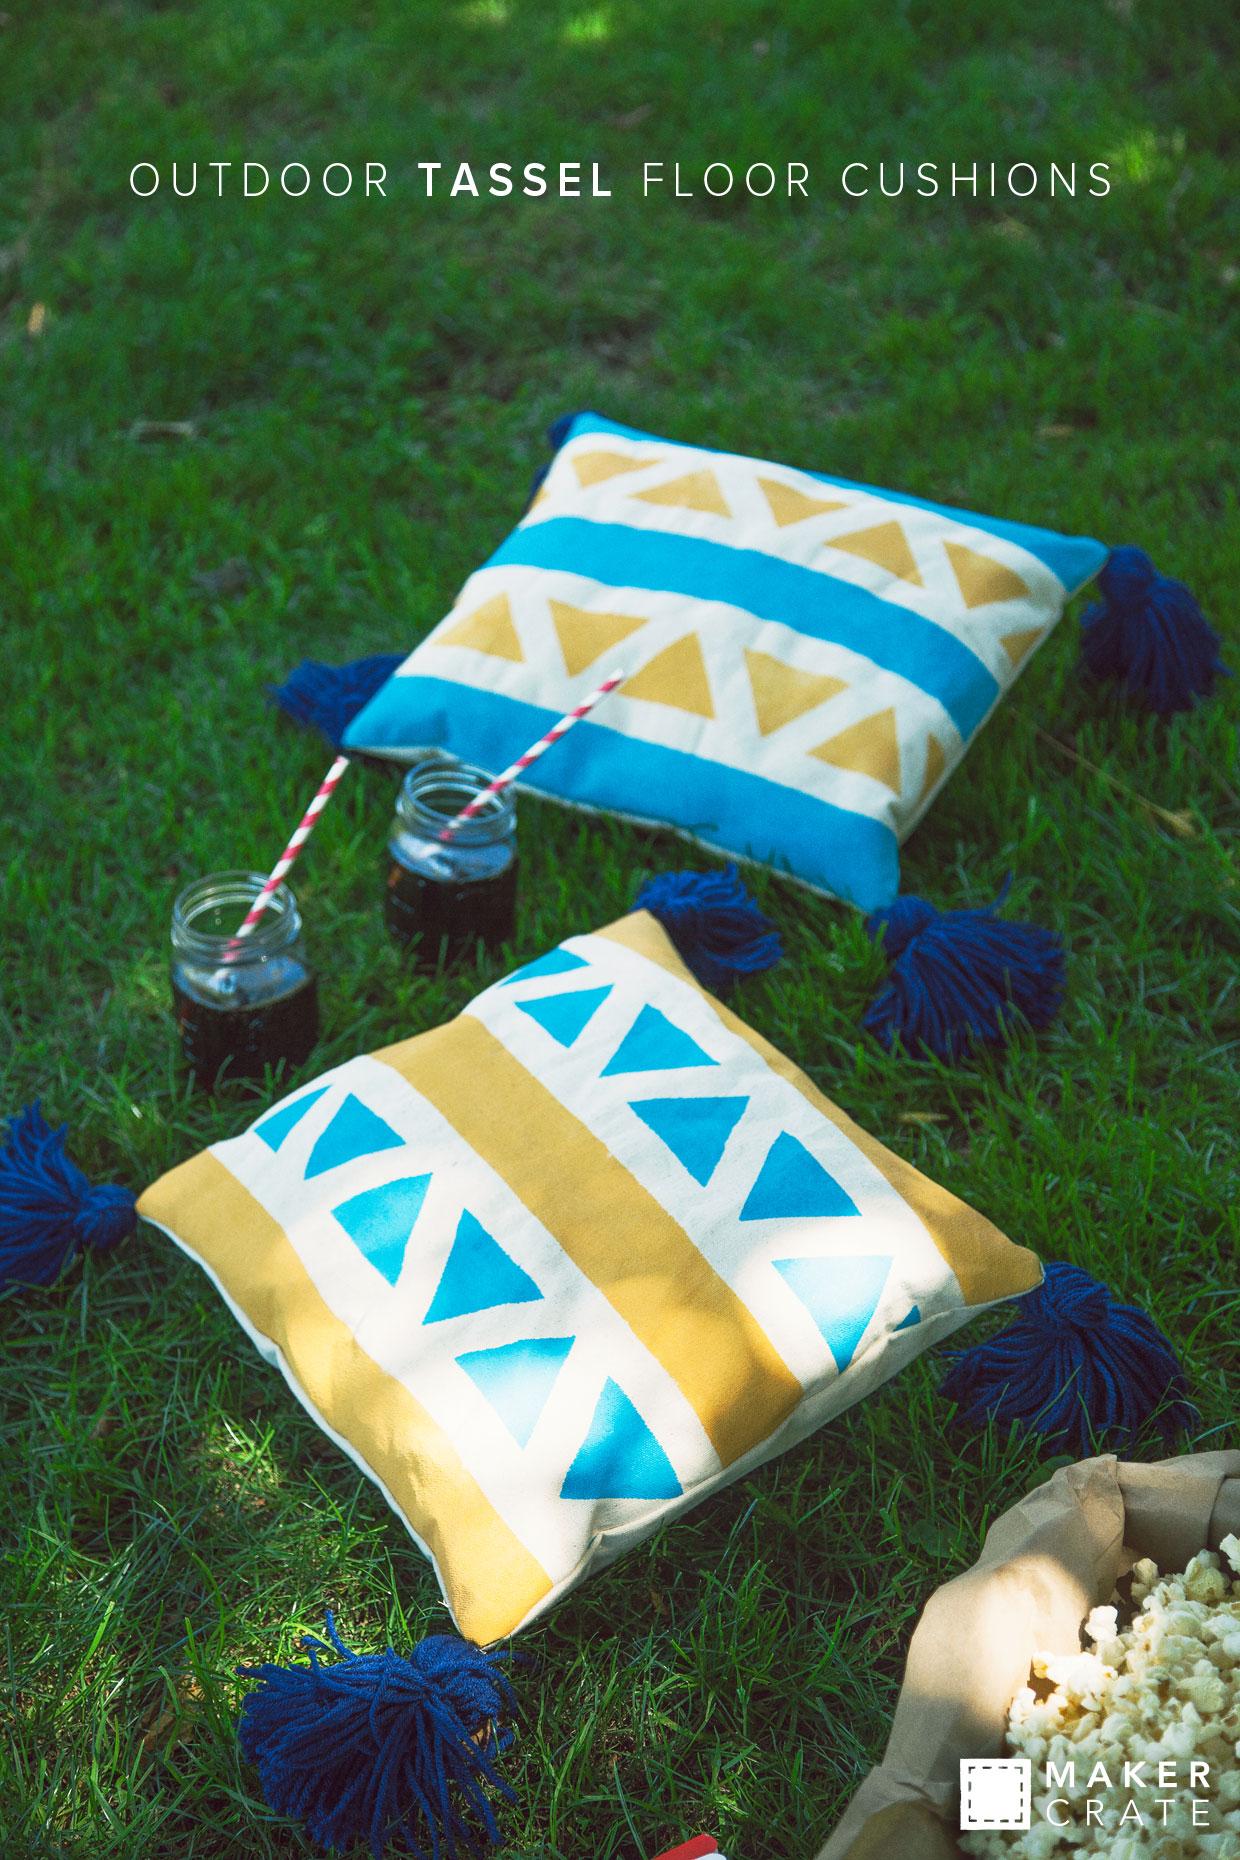 Outdoor Tassel Floor Cushions   Maker Crate